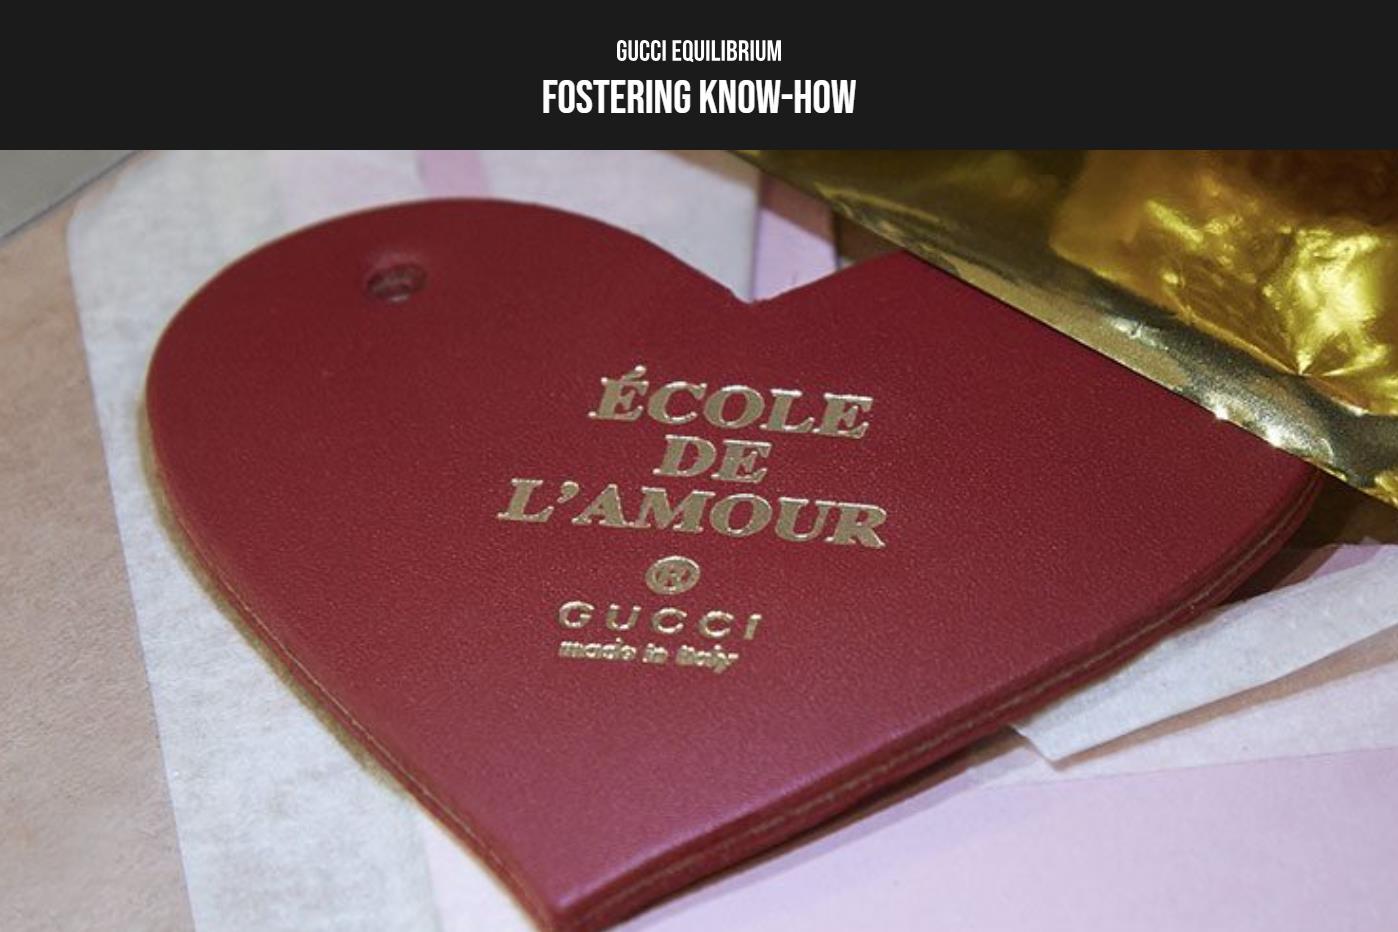 传承手工艺,Gucci 在意大利开设创新教育项目École de l'Amour